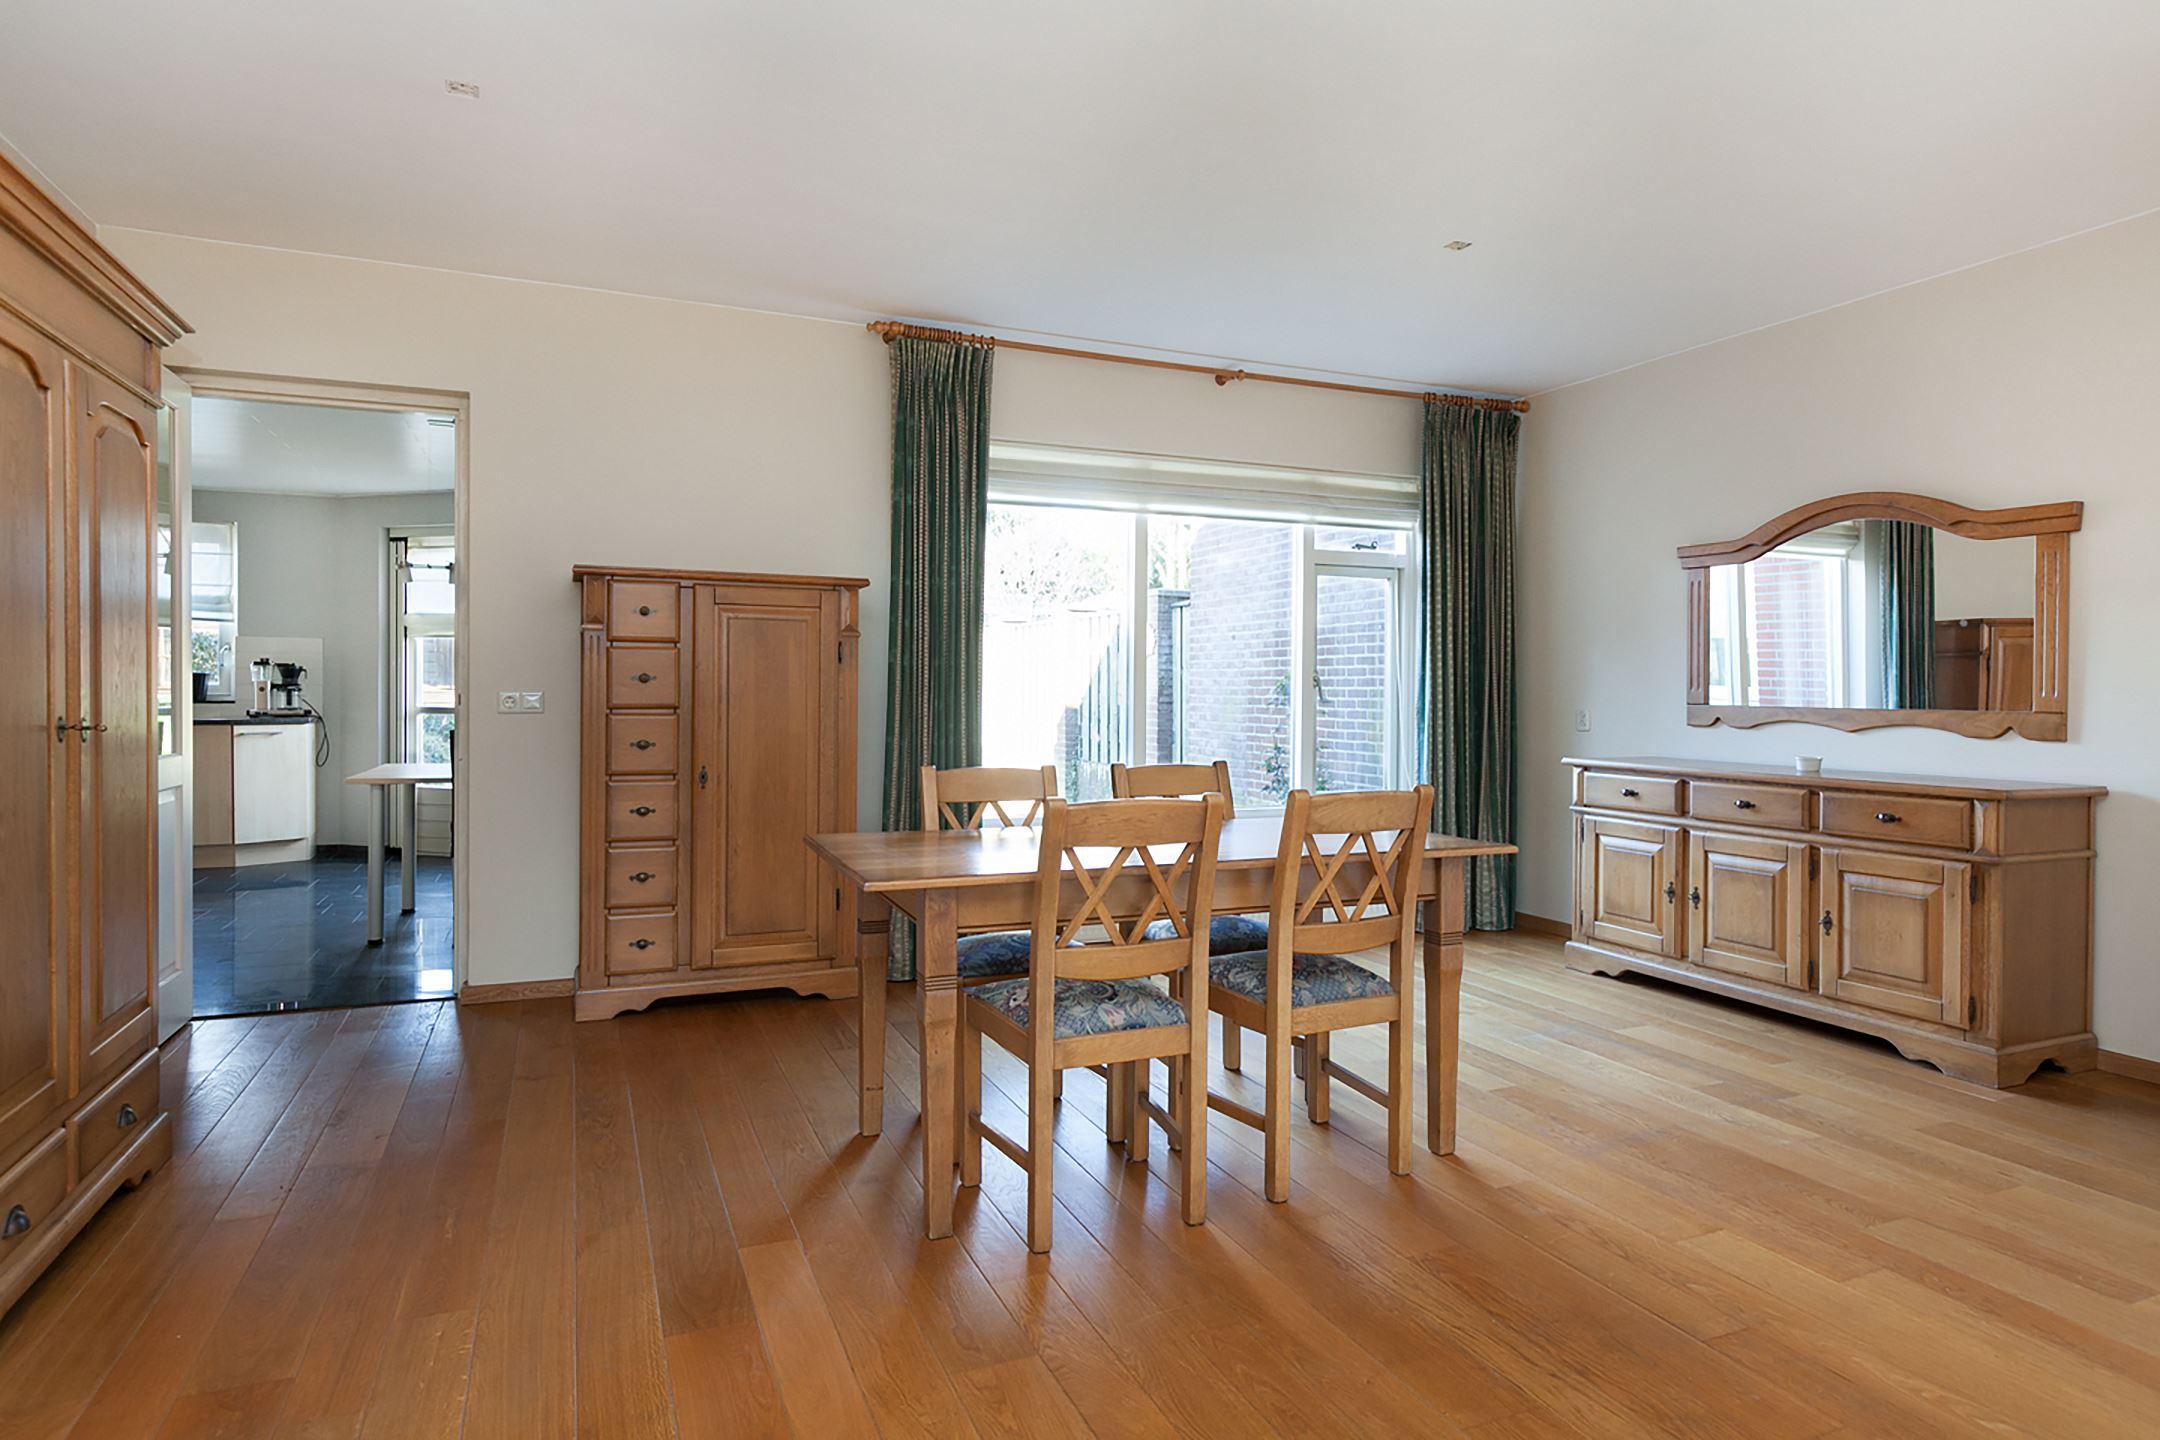 Huis te koop vink 7 5831 me boxmeer funda - Foto moderne inbouwkeuken ...